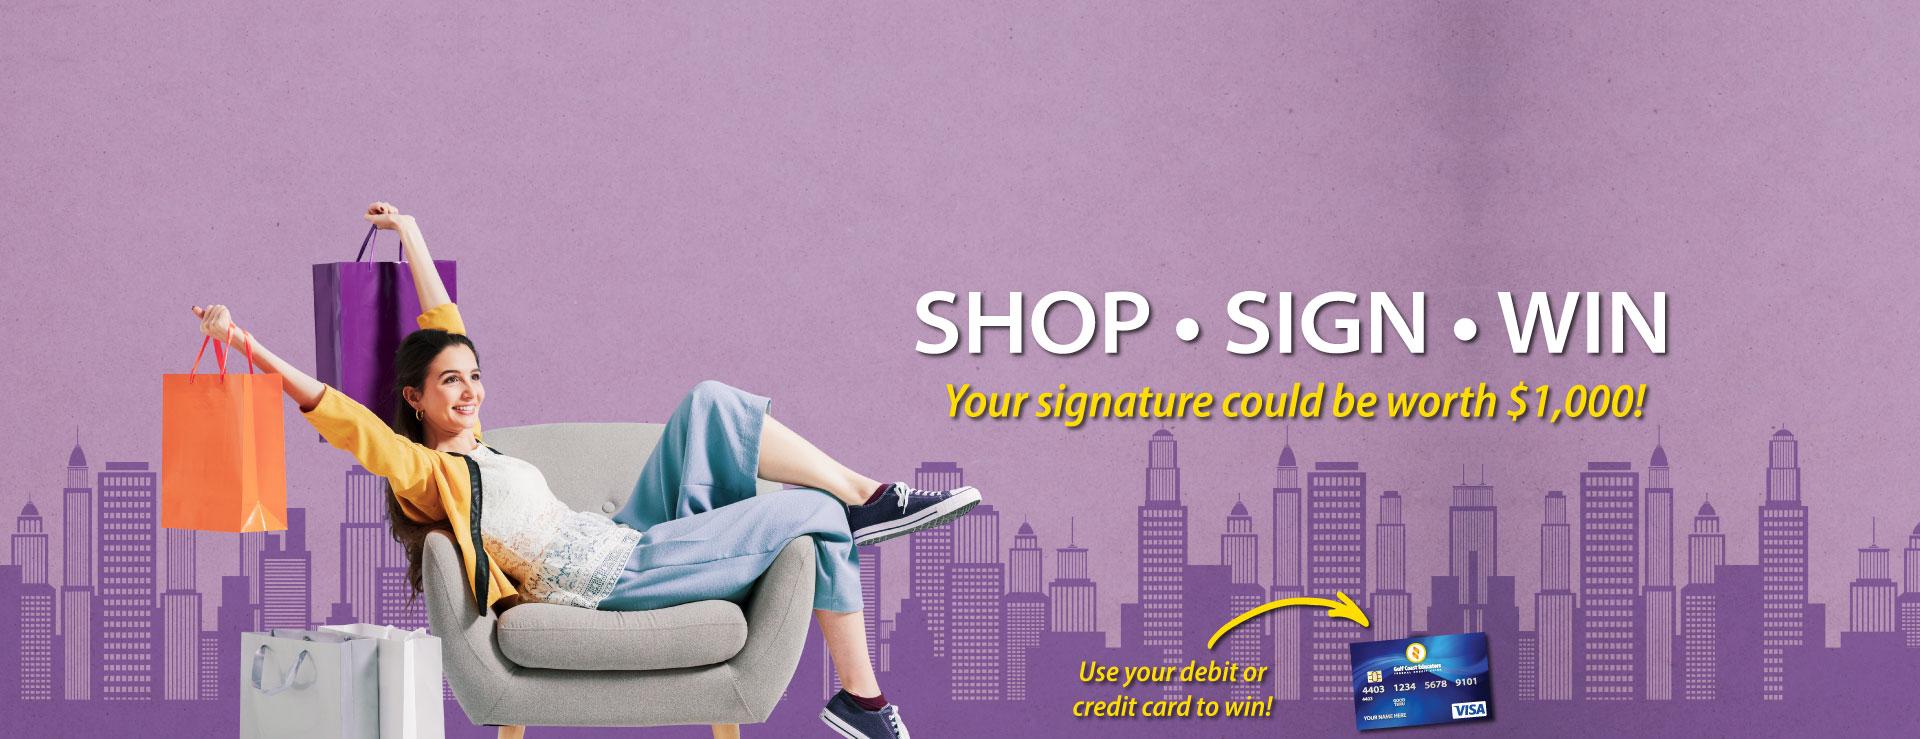 shop-sign-win-web-2